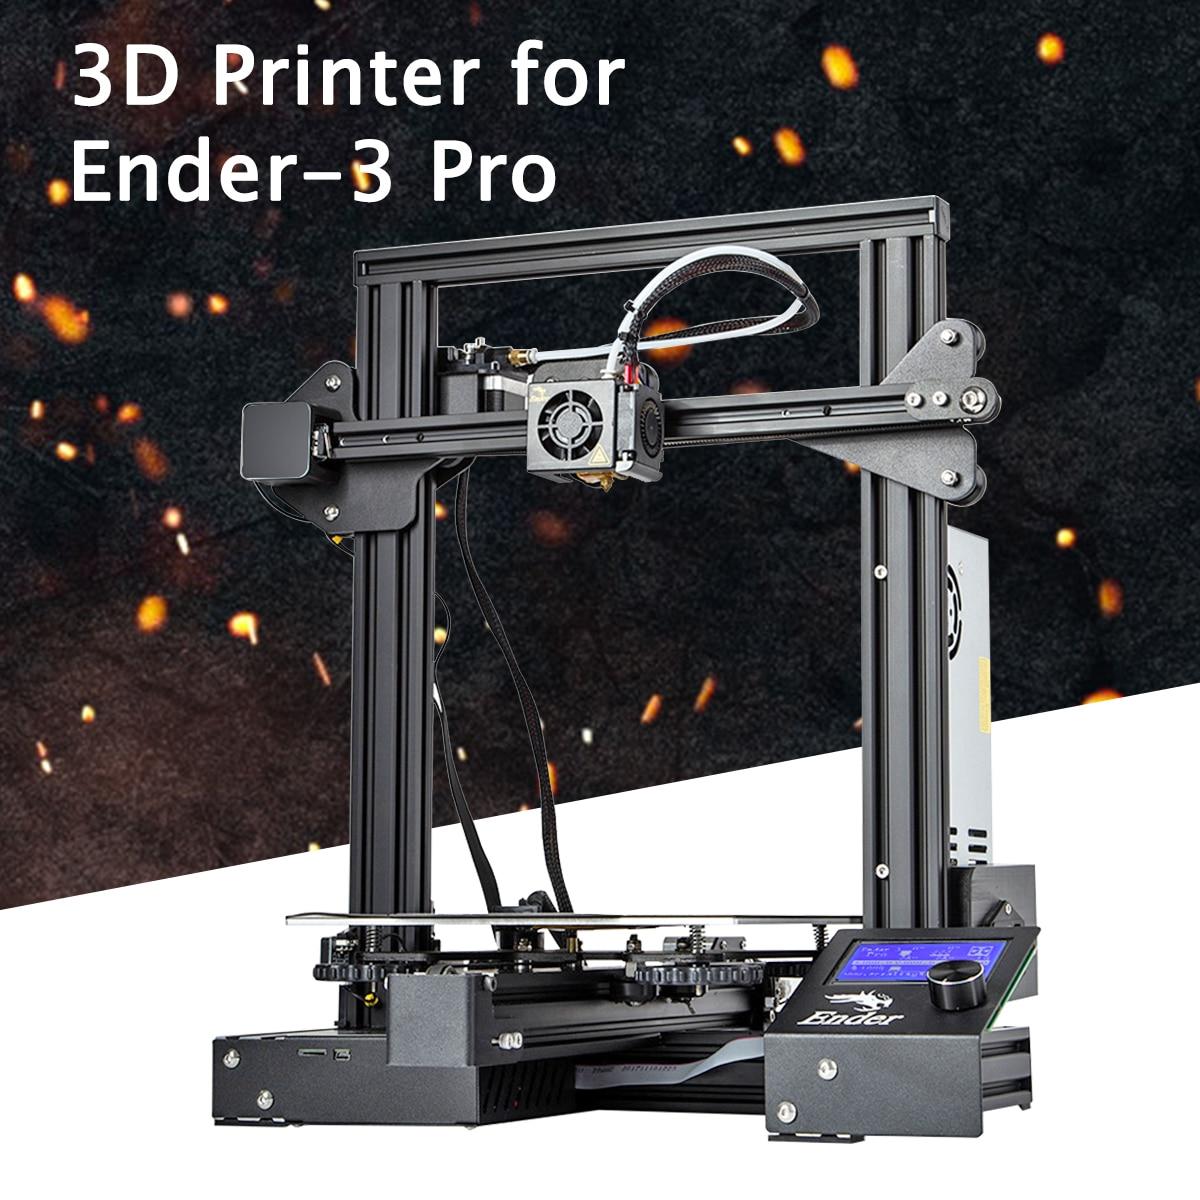 Ender-3 Pro v-slot Pru sa I3 bricolage 3D imprimante Kit 220x220x250mm taille d'impression avec autocollant de plate-forme magnétique